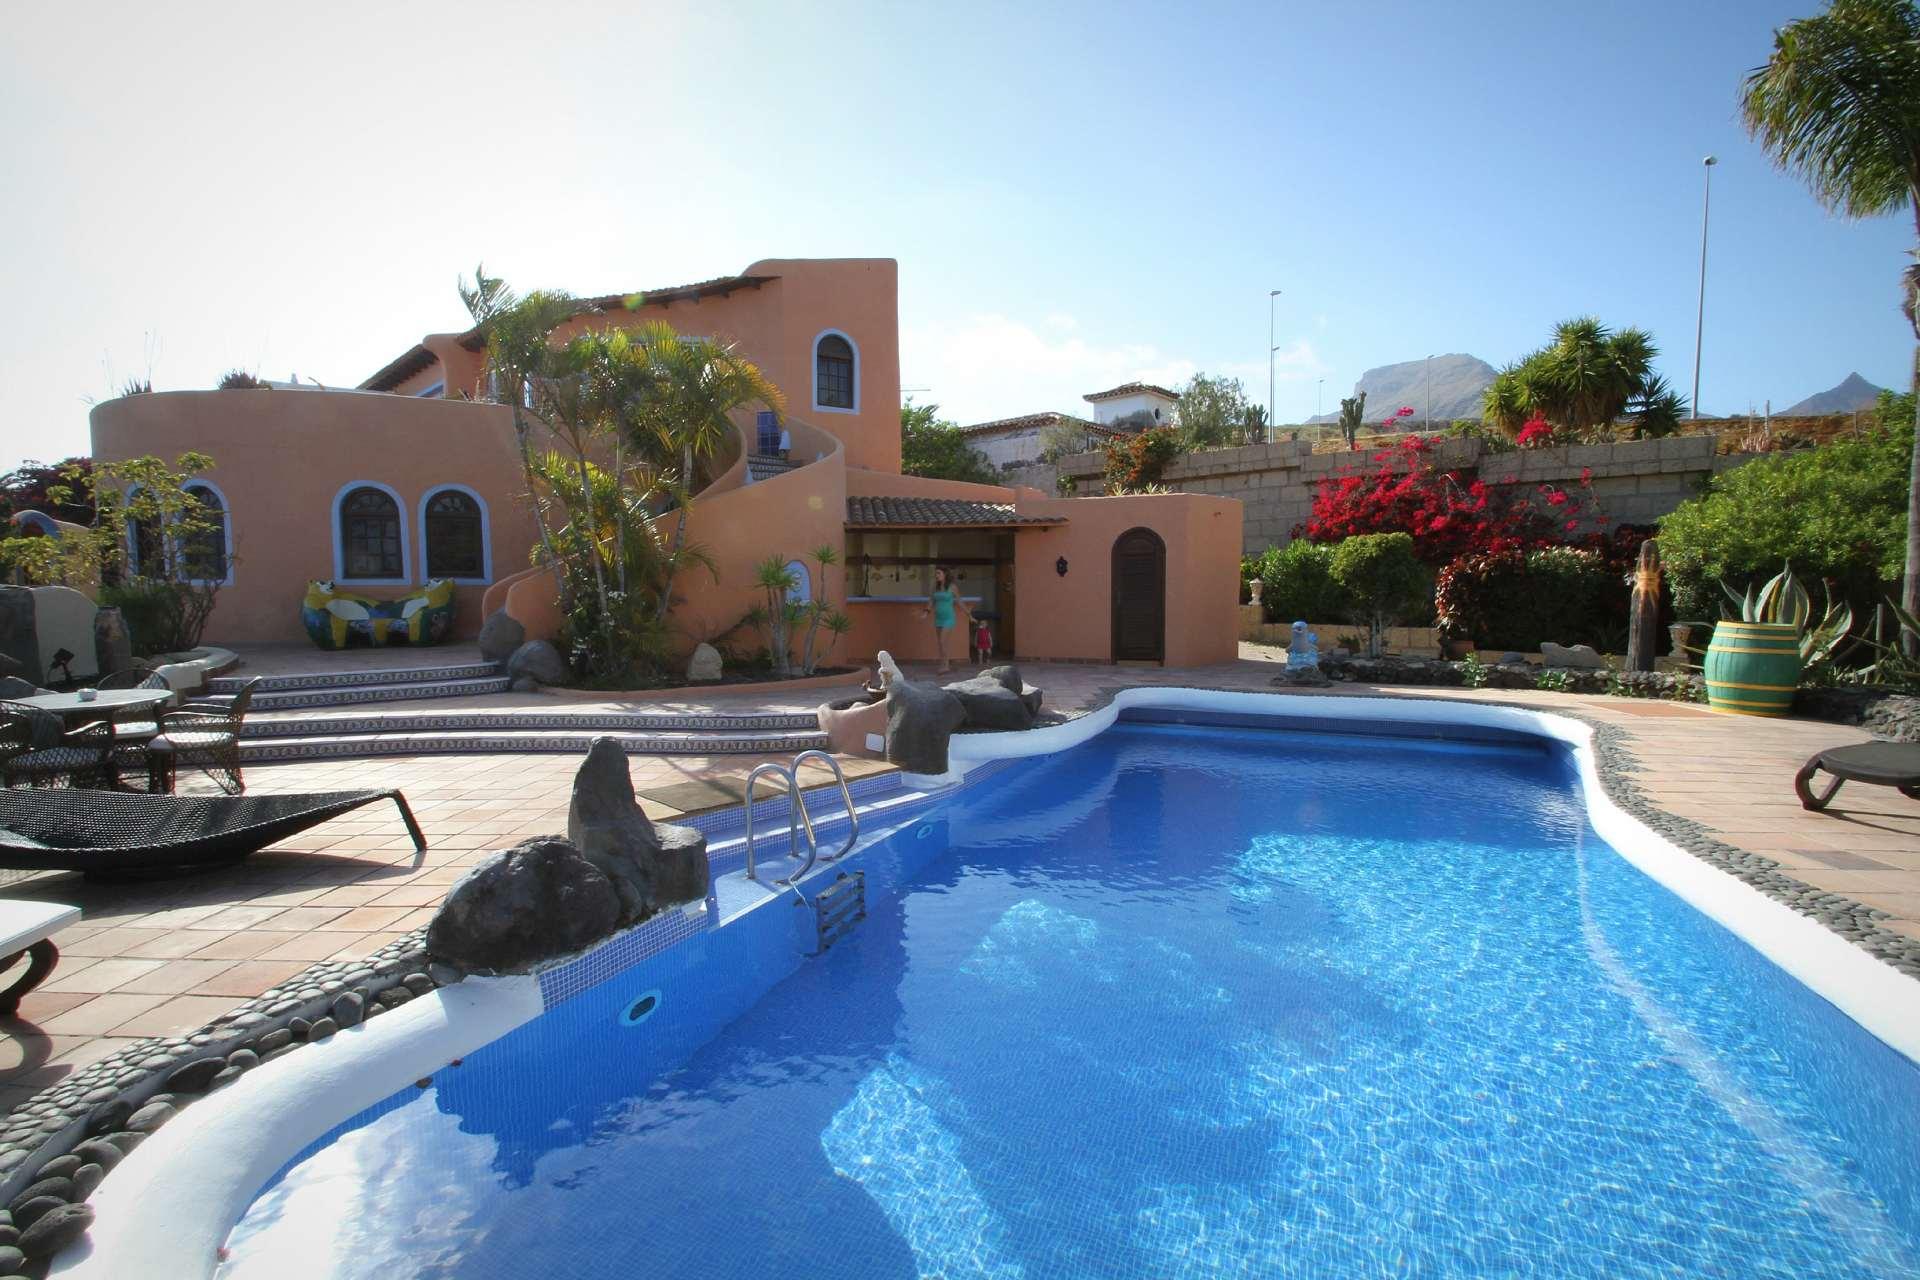 Pool-Landschaft für die Gäste der Villa